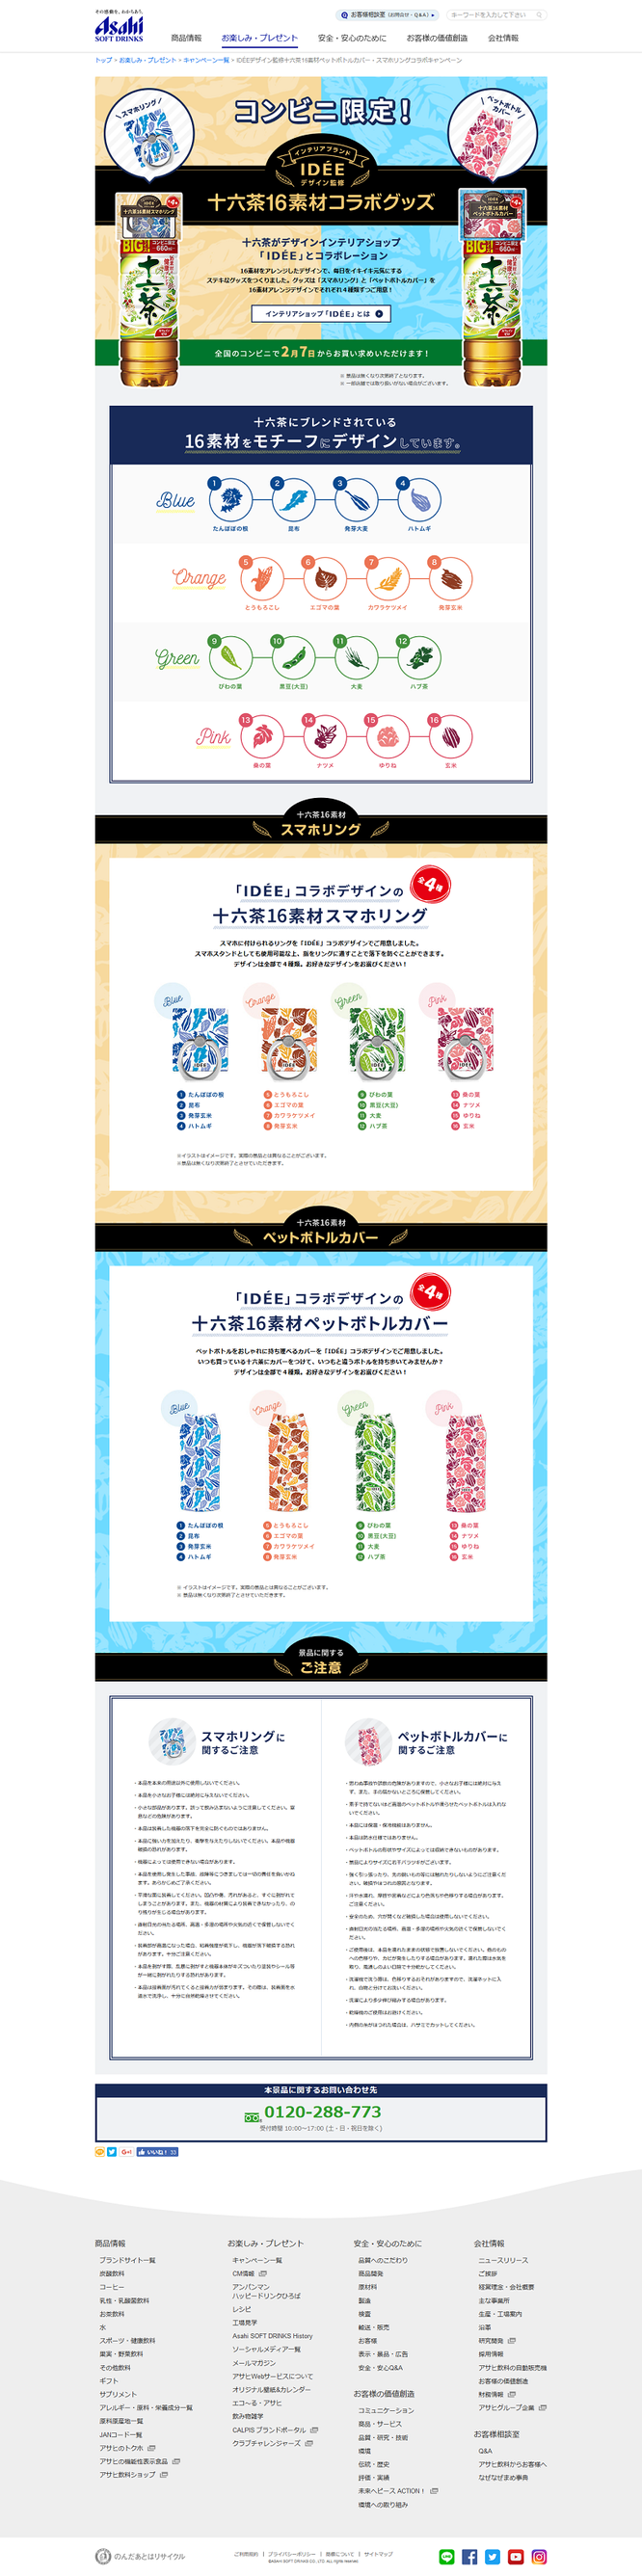 【アサヒ】十六茶 IDEEコラボキャンペーン